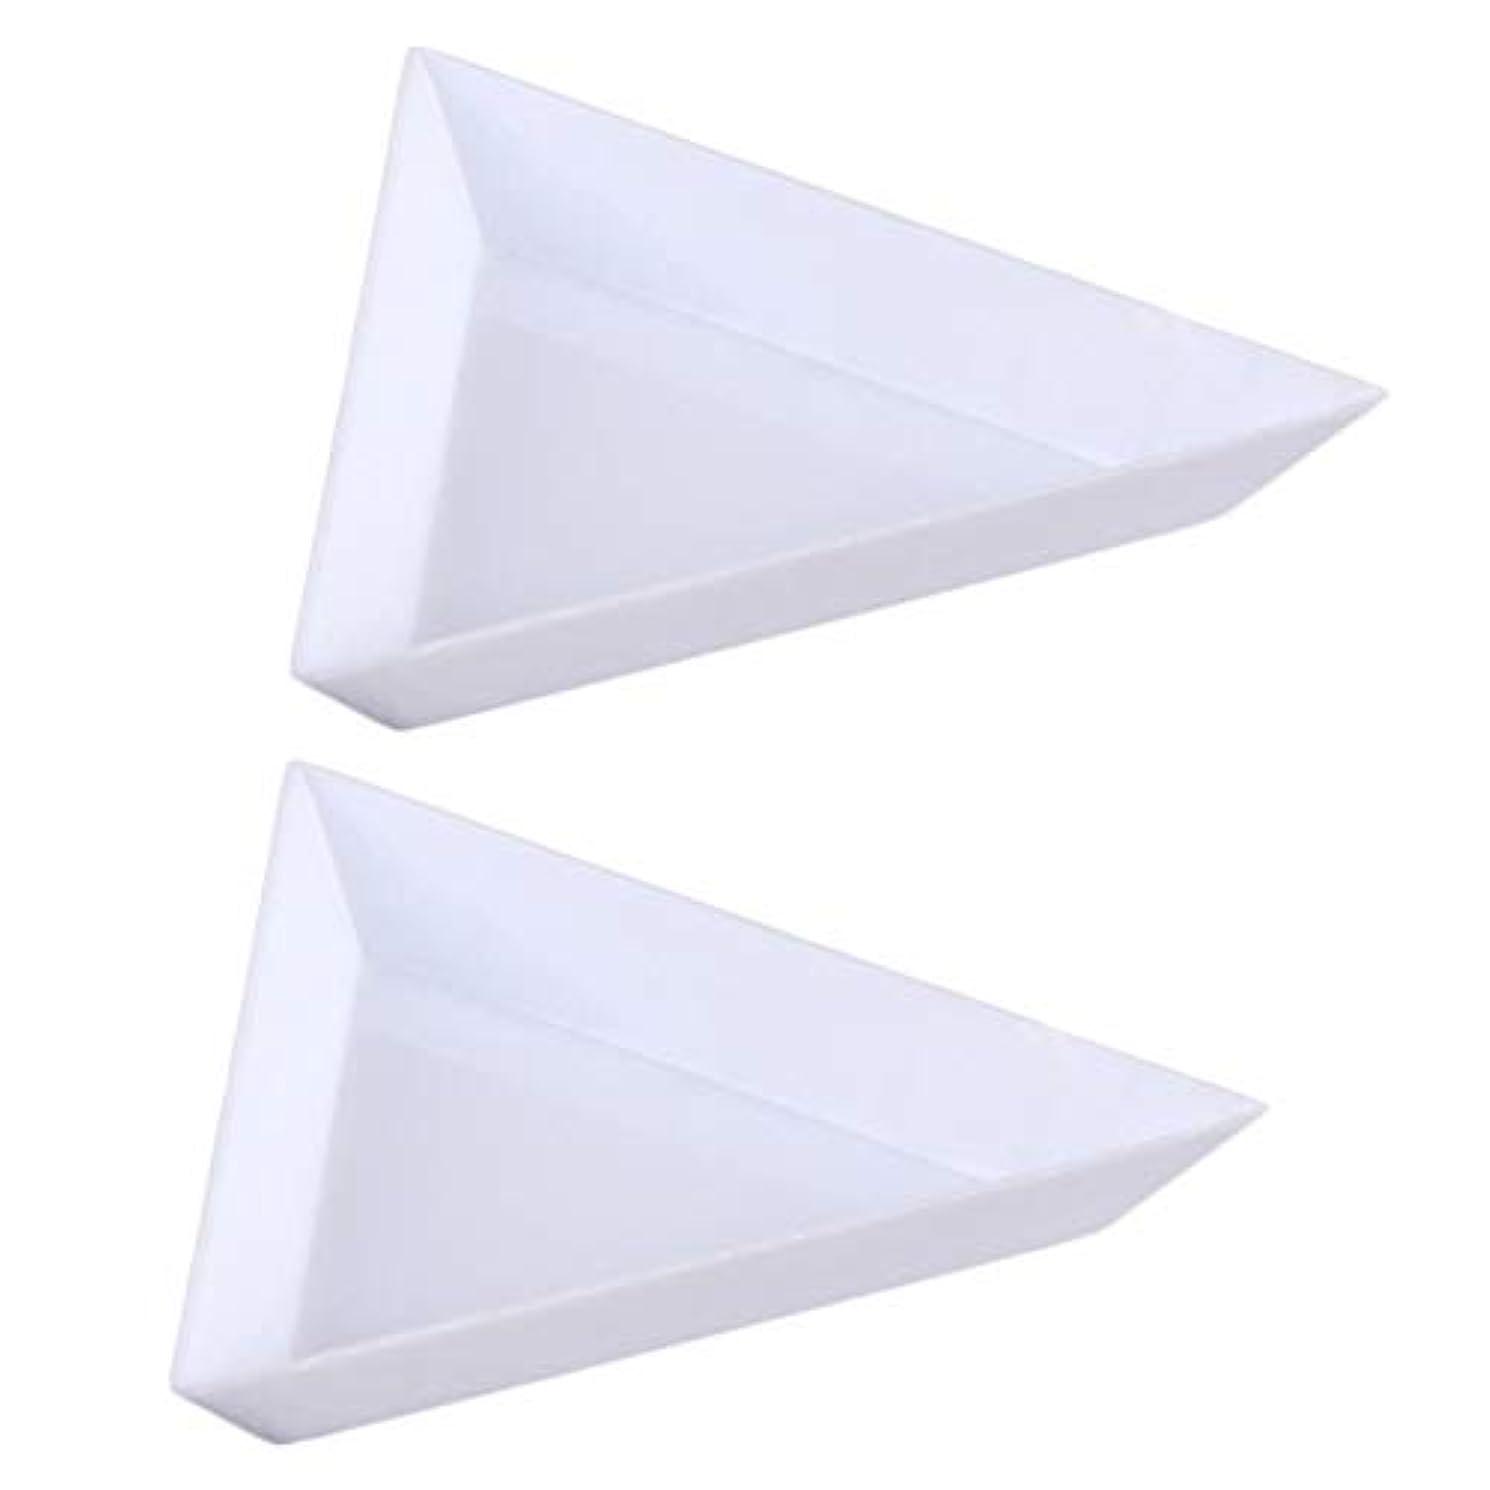 乏しいフィドル除去Gaoominy 10個三角コーナープラスチックラインストーンビーズ 結晶 ネイルアートソーティングトレイアクセサリー白 DiyネイルアートデコレーションDotting収納トレイ オーガニゼーションに最適